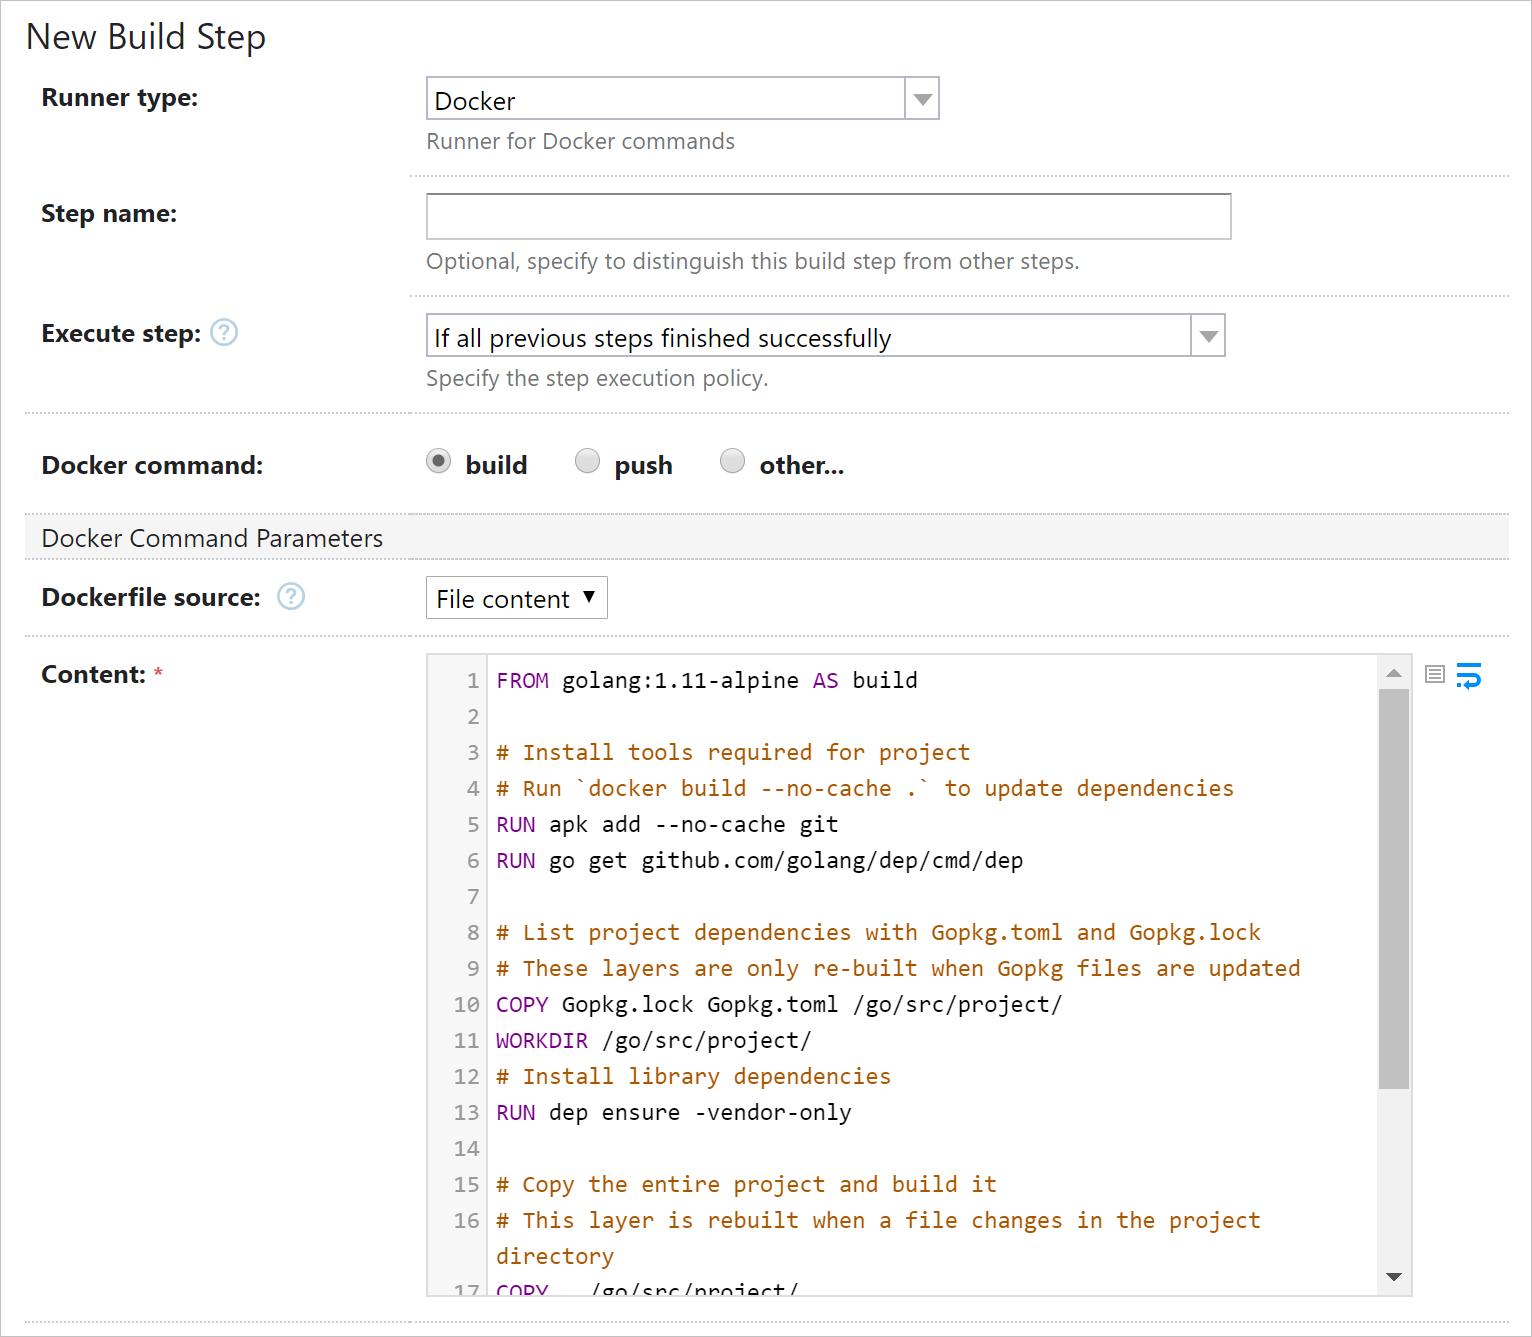 Dockerfile highlighting in TeamCity